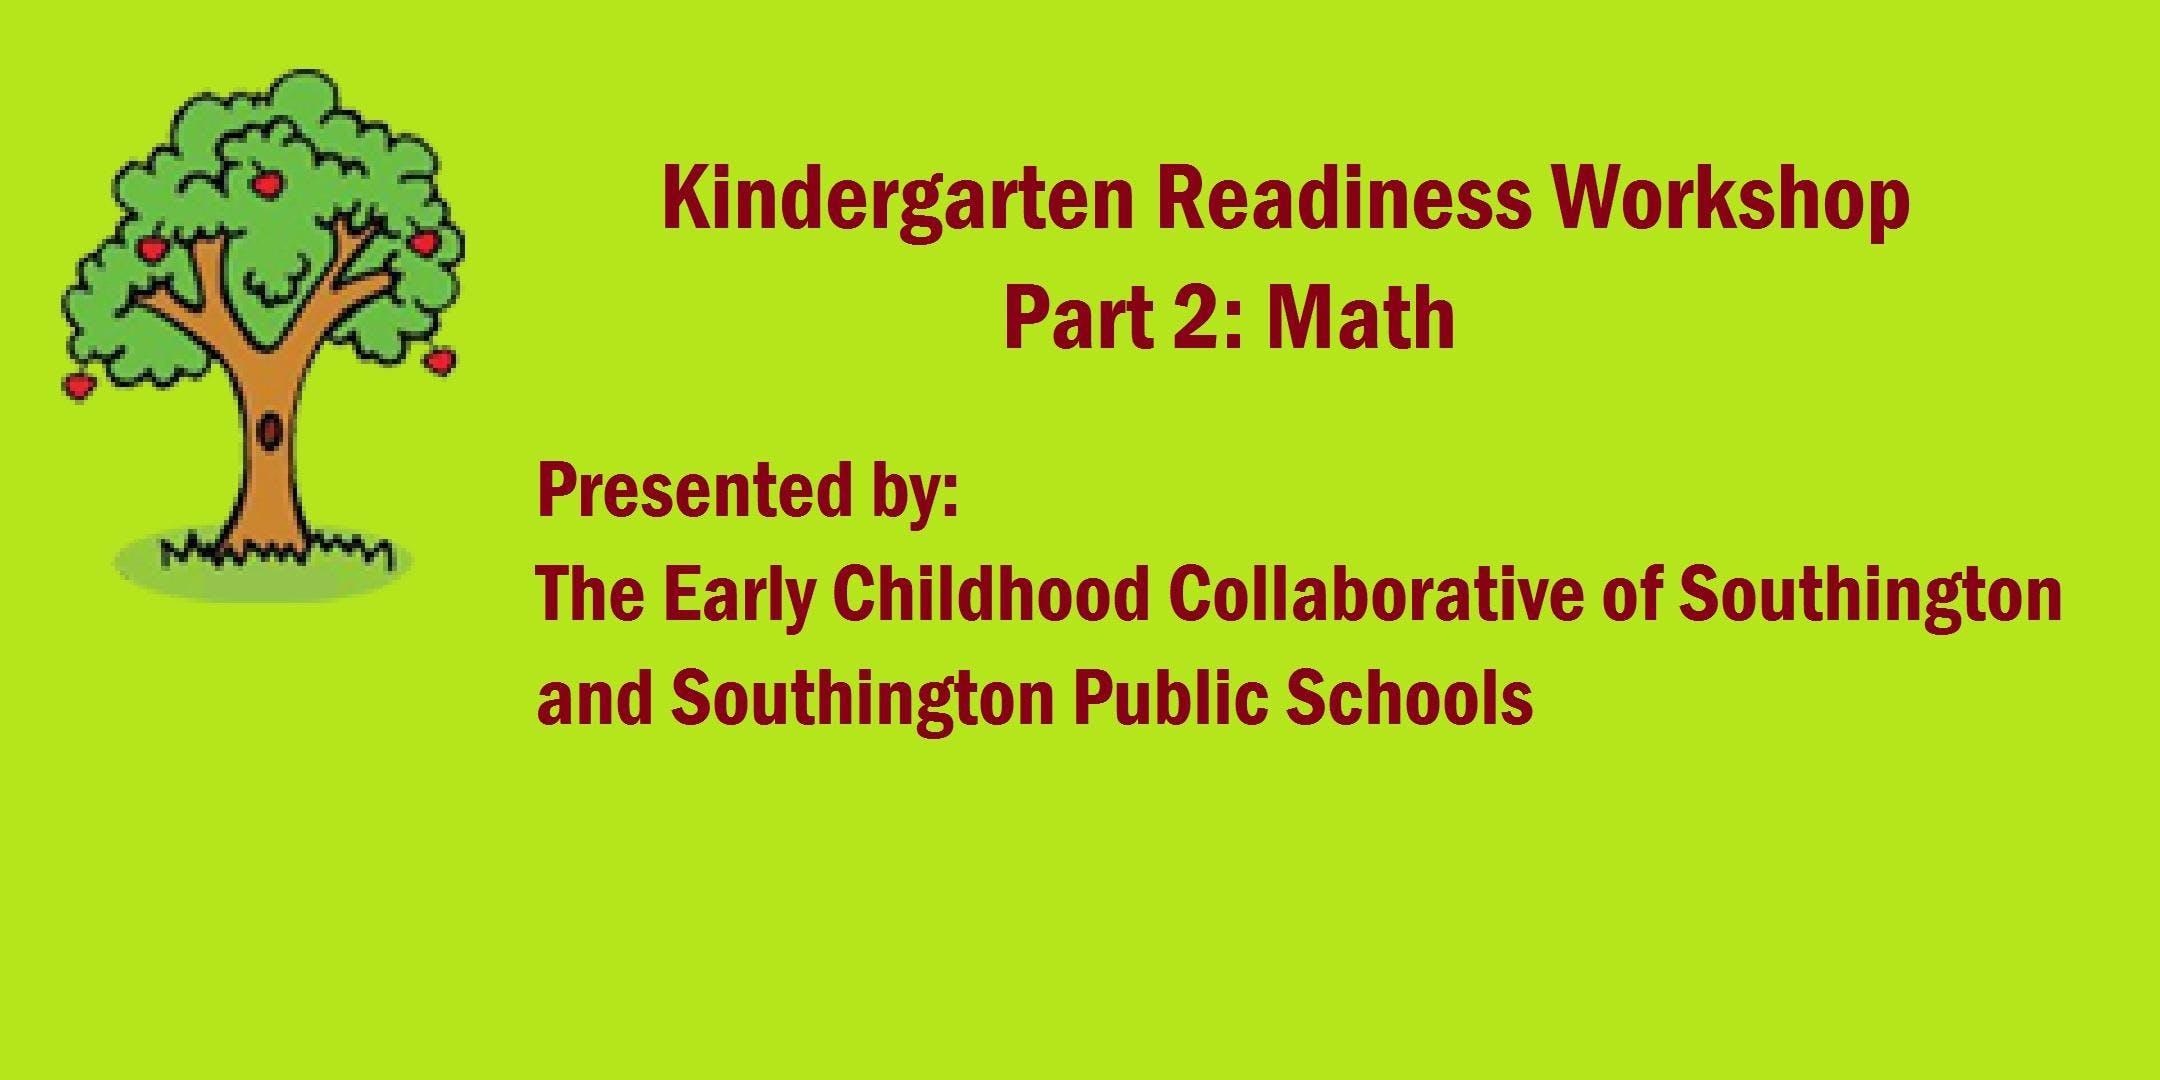 Kindergarten Readiness Workshop 2018 - Math/N